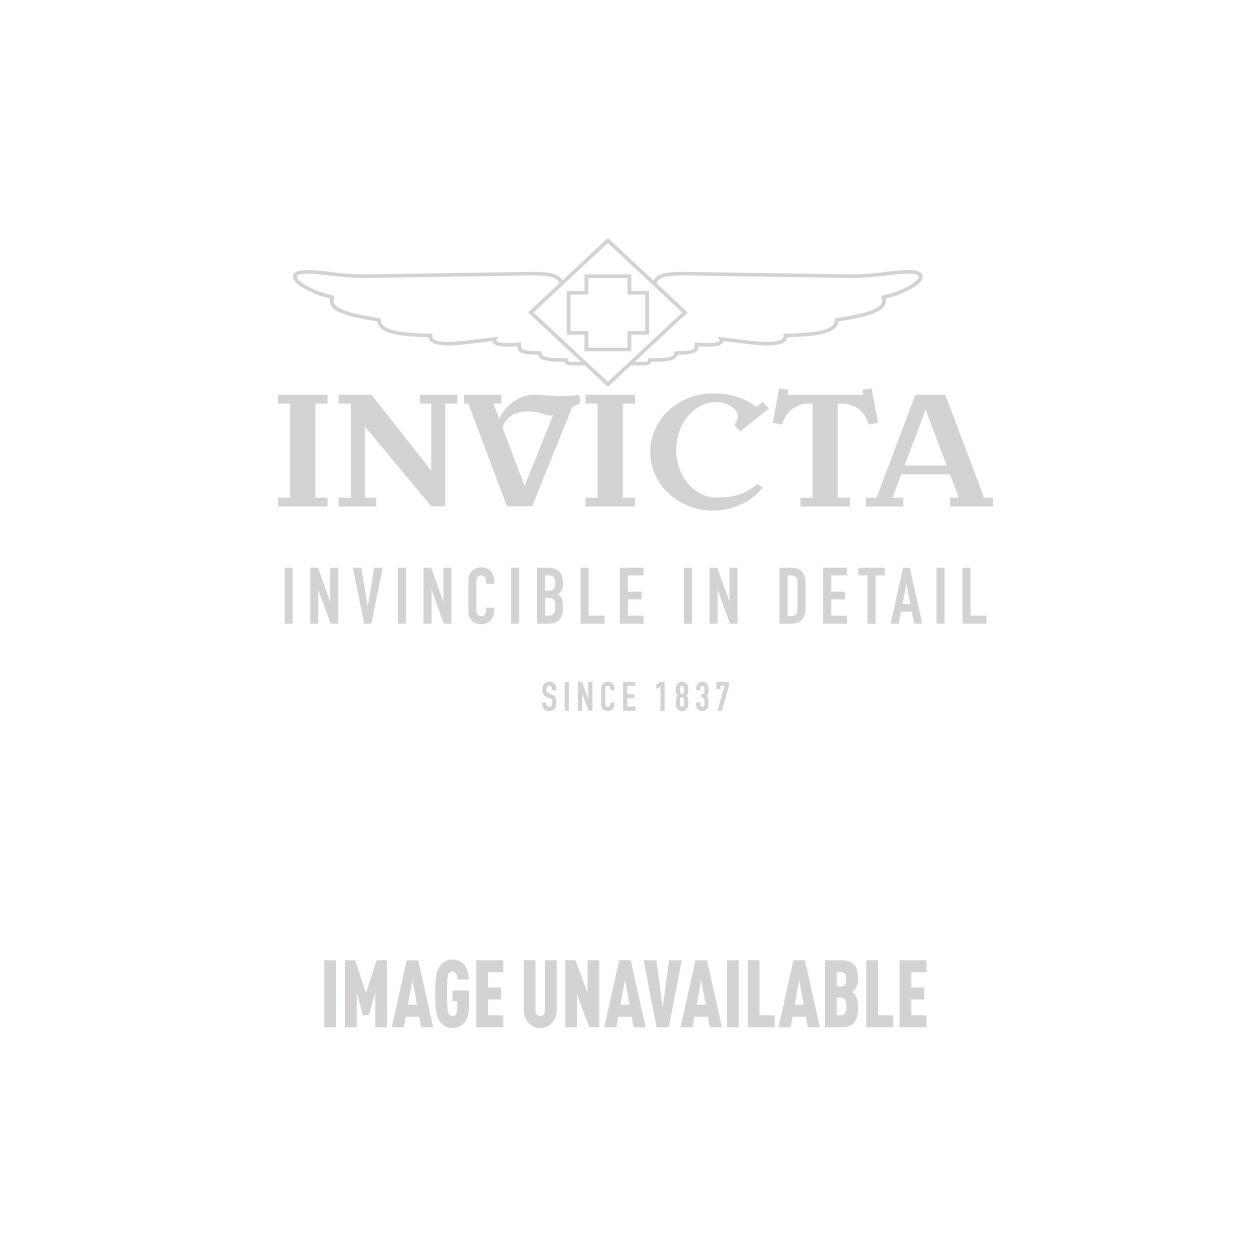 Invicta Model 24548